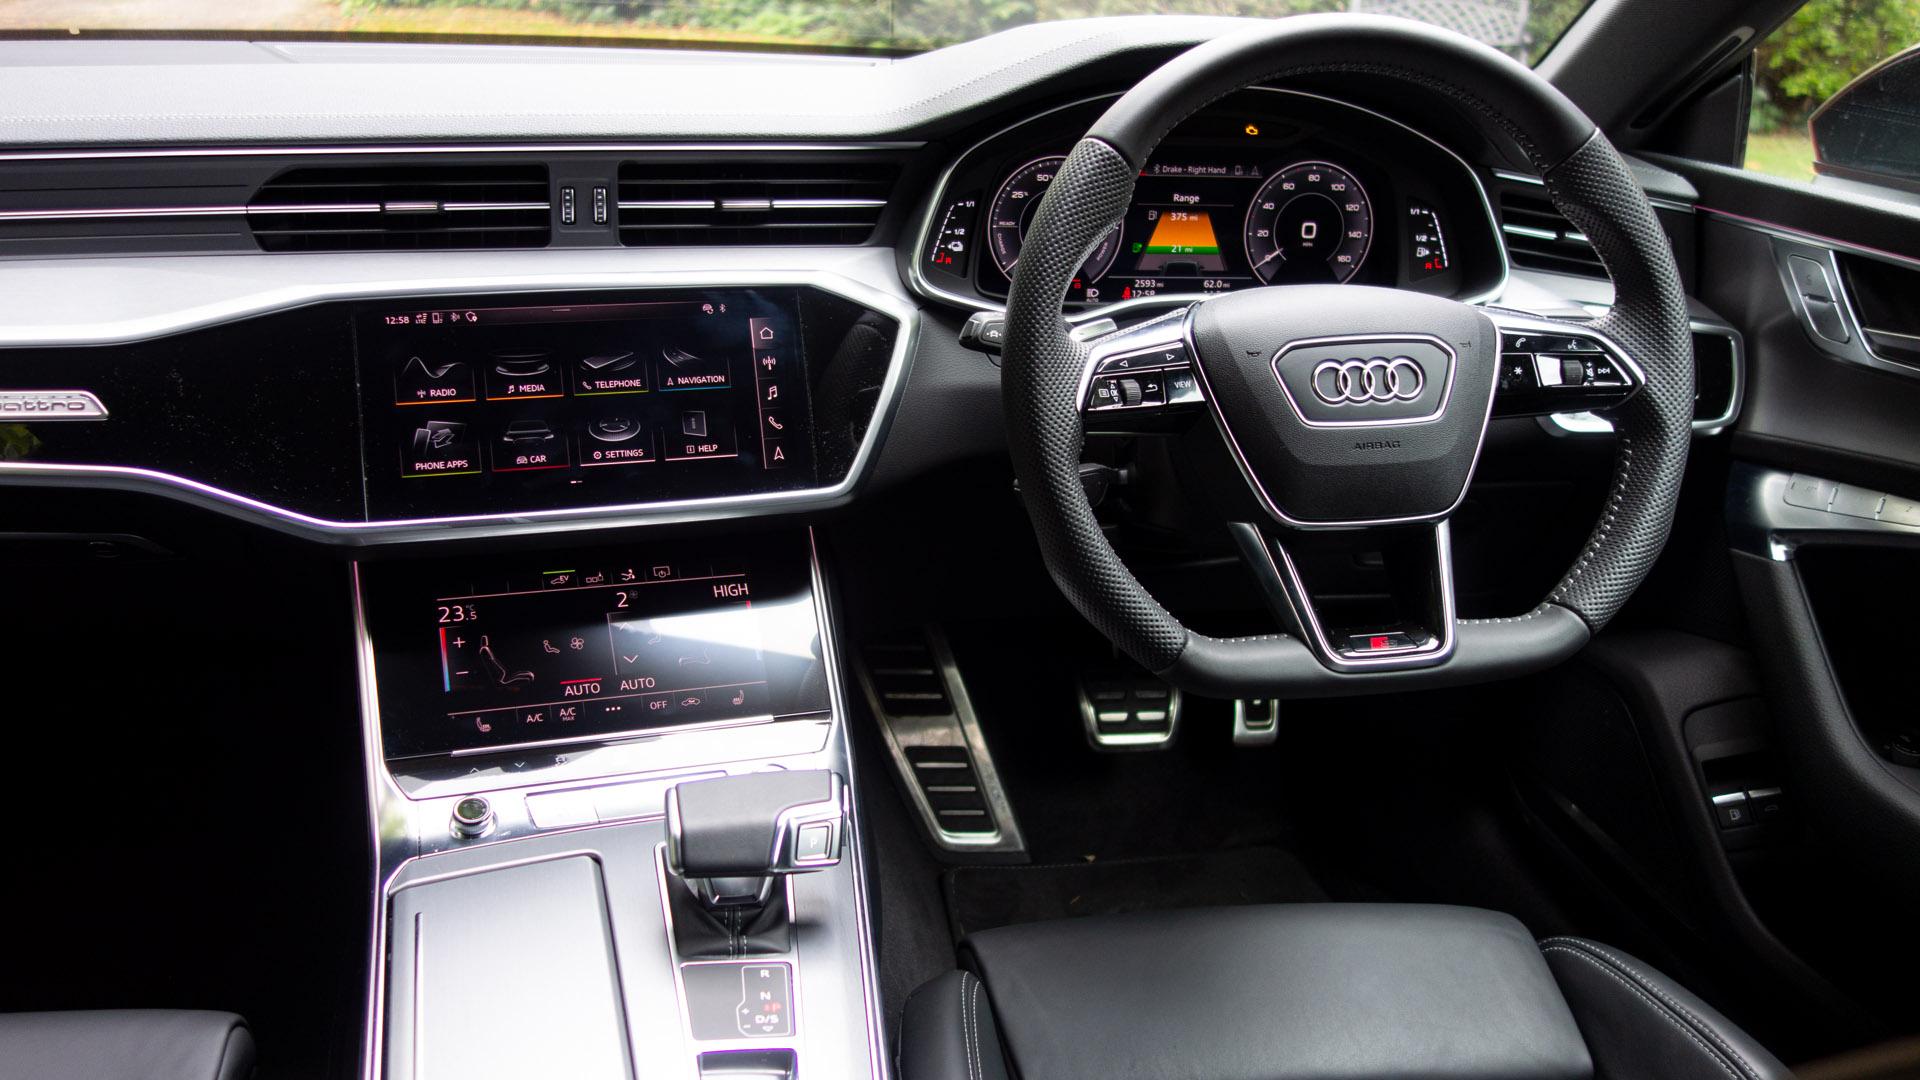 Audi A7 TFSIe cabin